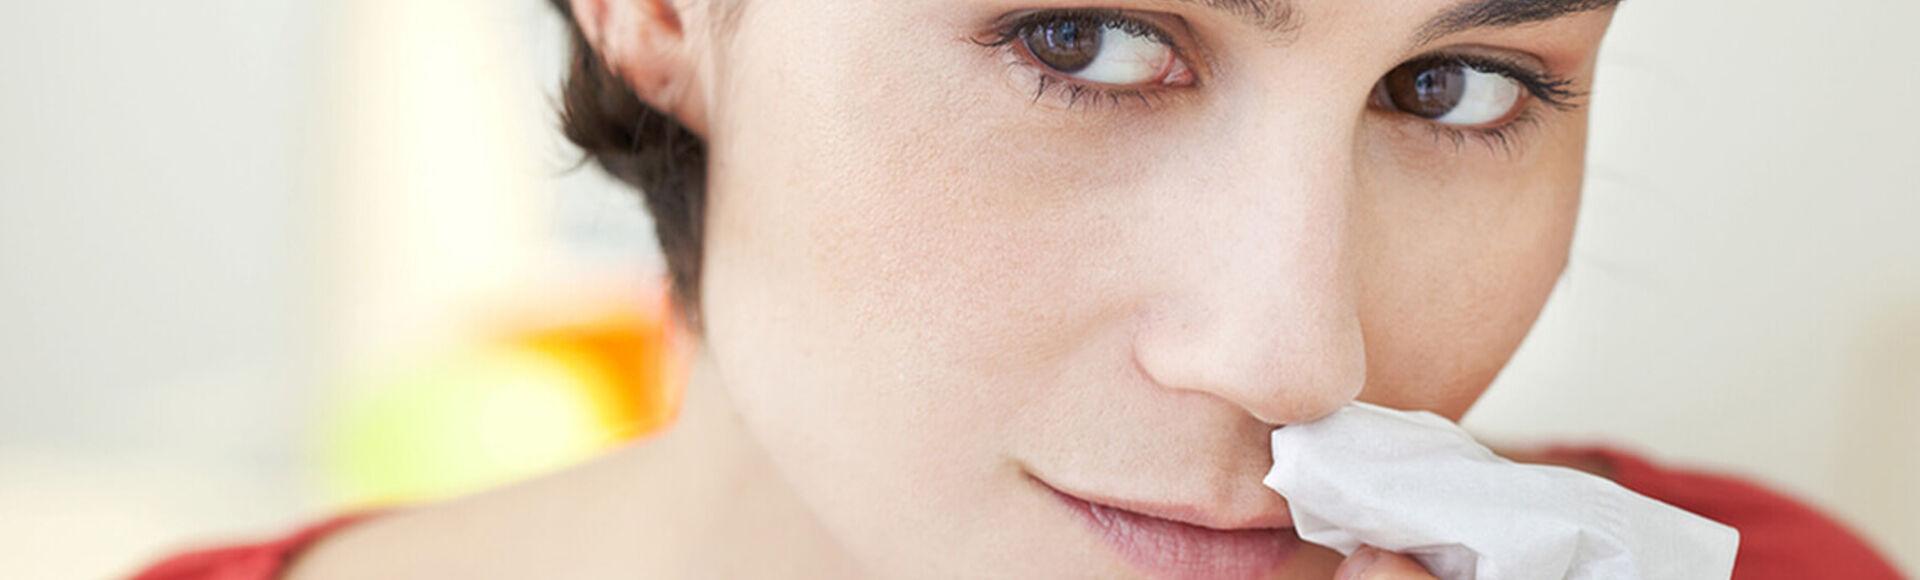 Aangrado de nariz otro síntoma del embarazo | Más Abrazos by Huggies